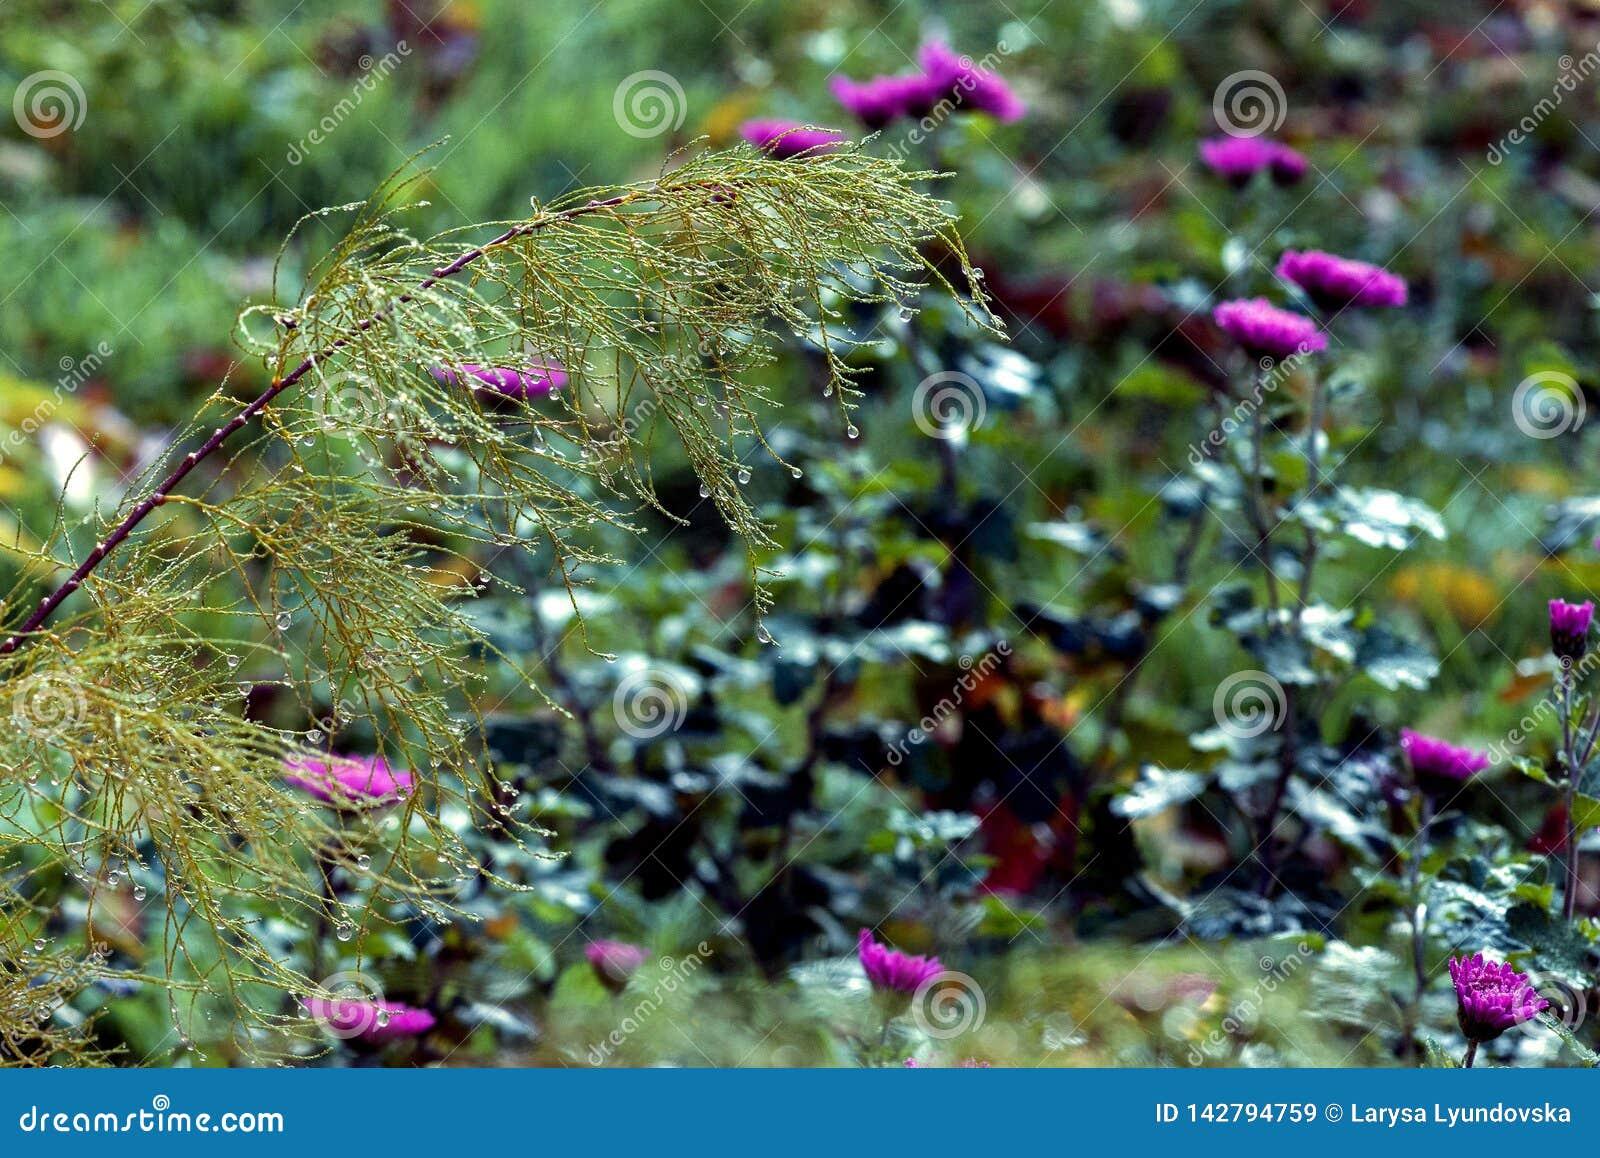 Een grote daling van water op de bladeren van installaties Verrassend koele ochtend